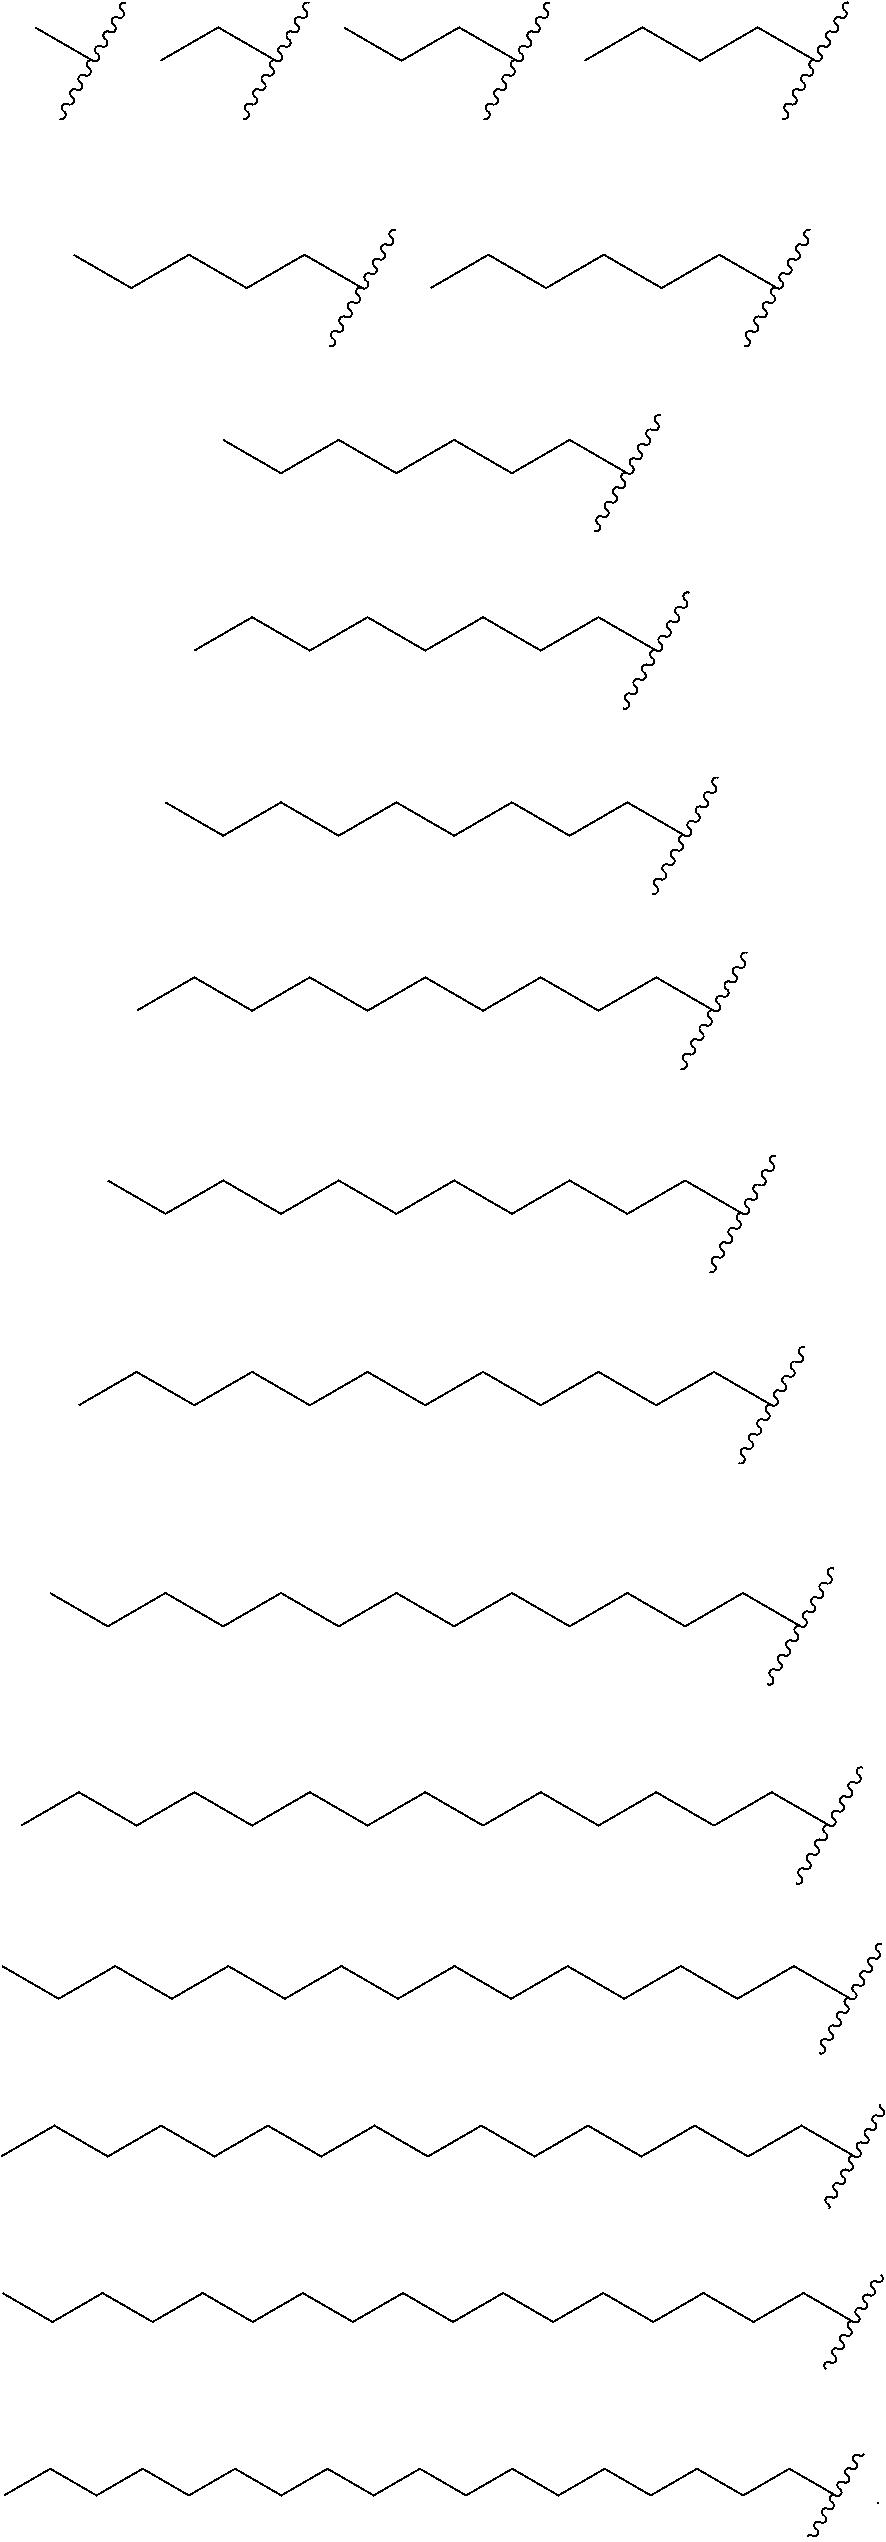 Figure US08969353-20150303-C00253